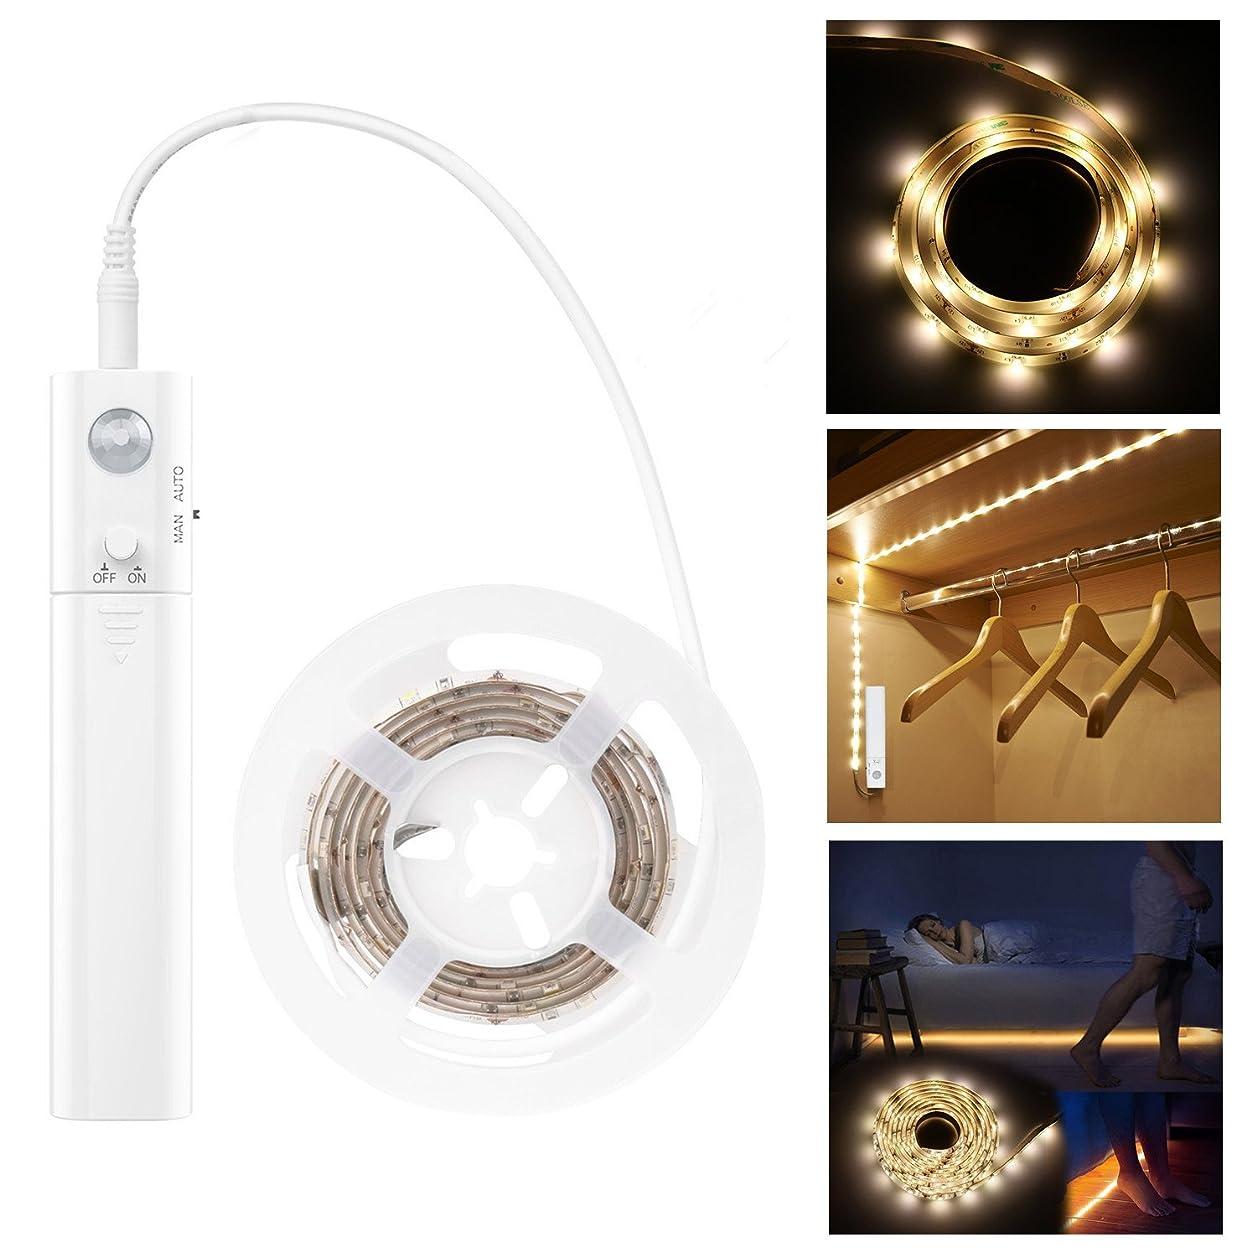 ジェム債権者保存LED テープライト LHY 人感センサーライト 電池式 ベッドライト 手動操作 革新的な設計 長さ1m 防水可能 乾電池式 自動点灯 消灯 省エネ 柔らかい 自由で形を設計 切断可能 正面発光 - 電球色